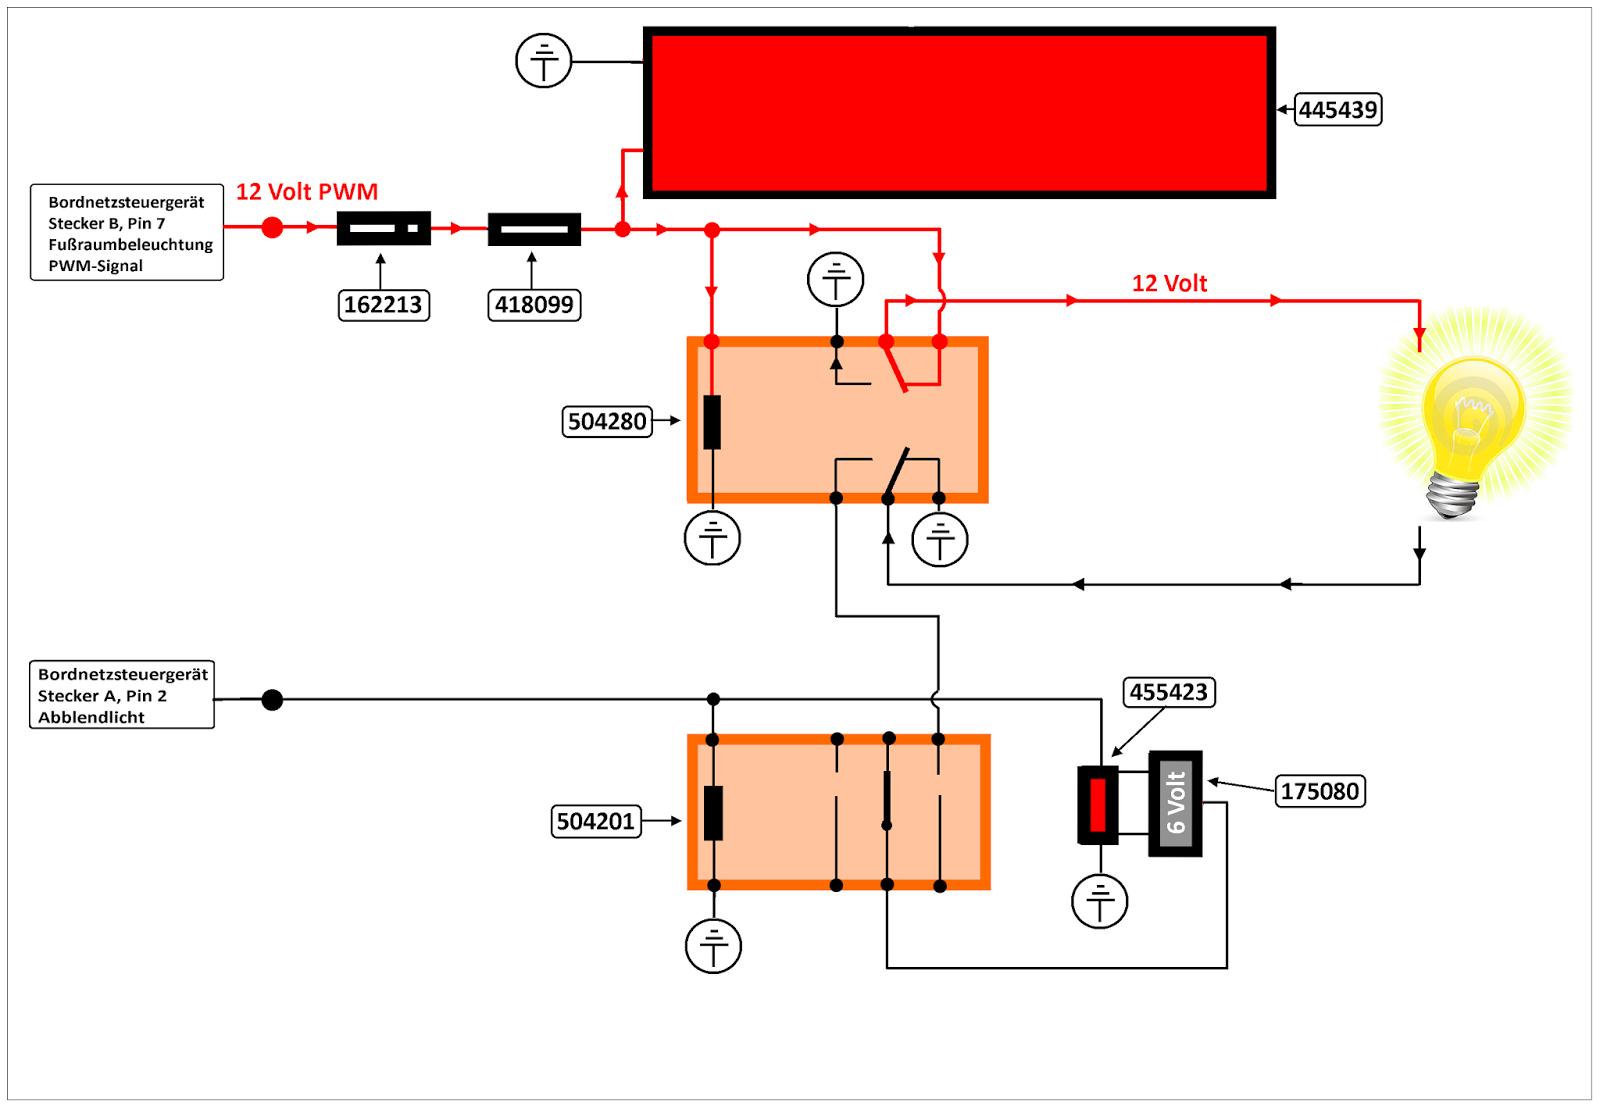 Ungewöhnlich Schaltplan Für Zwei Türklingeln Fotos - Elektrische ...